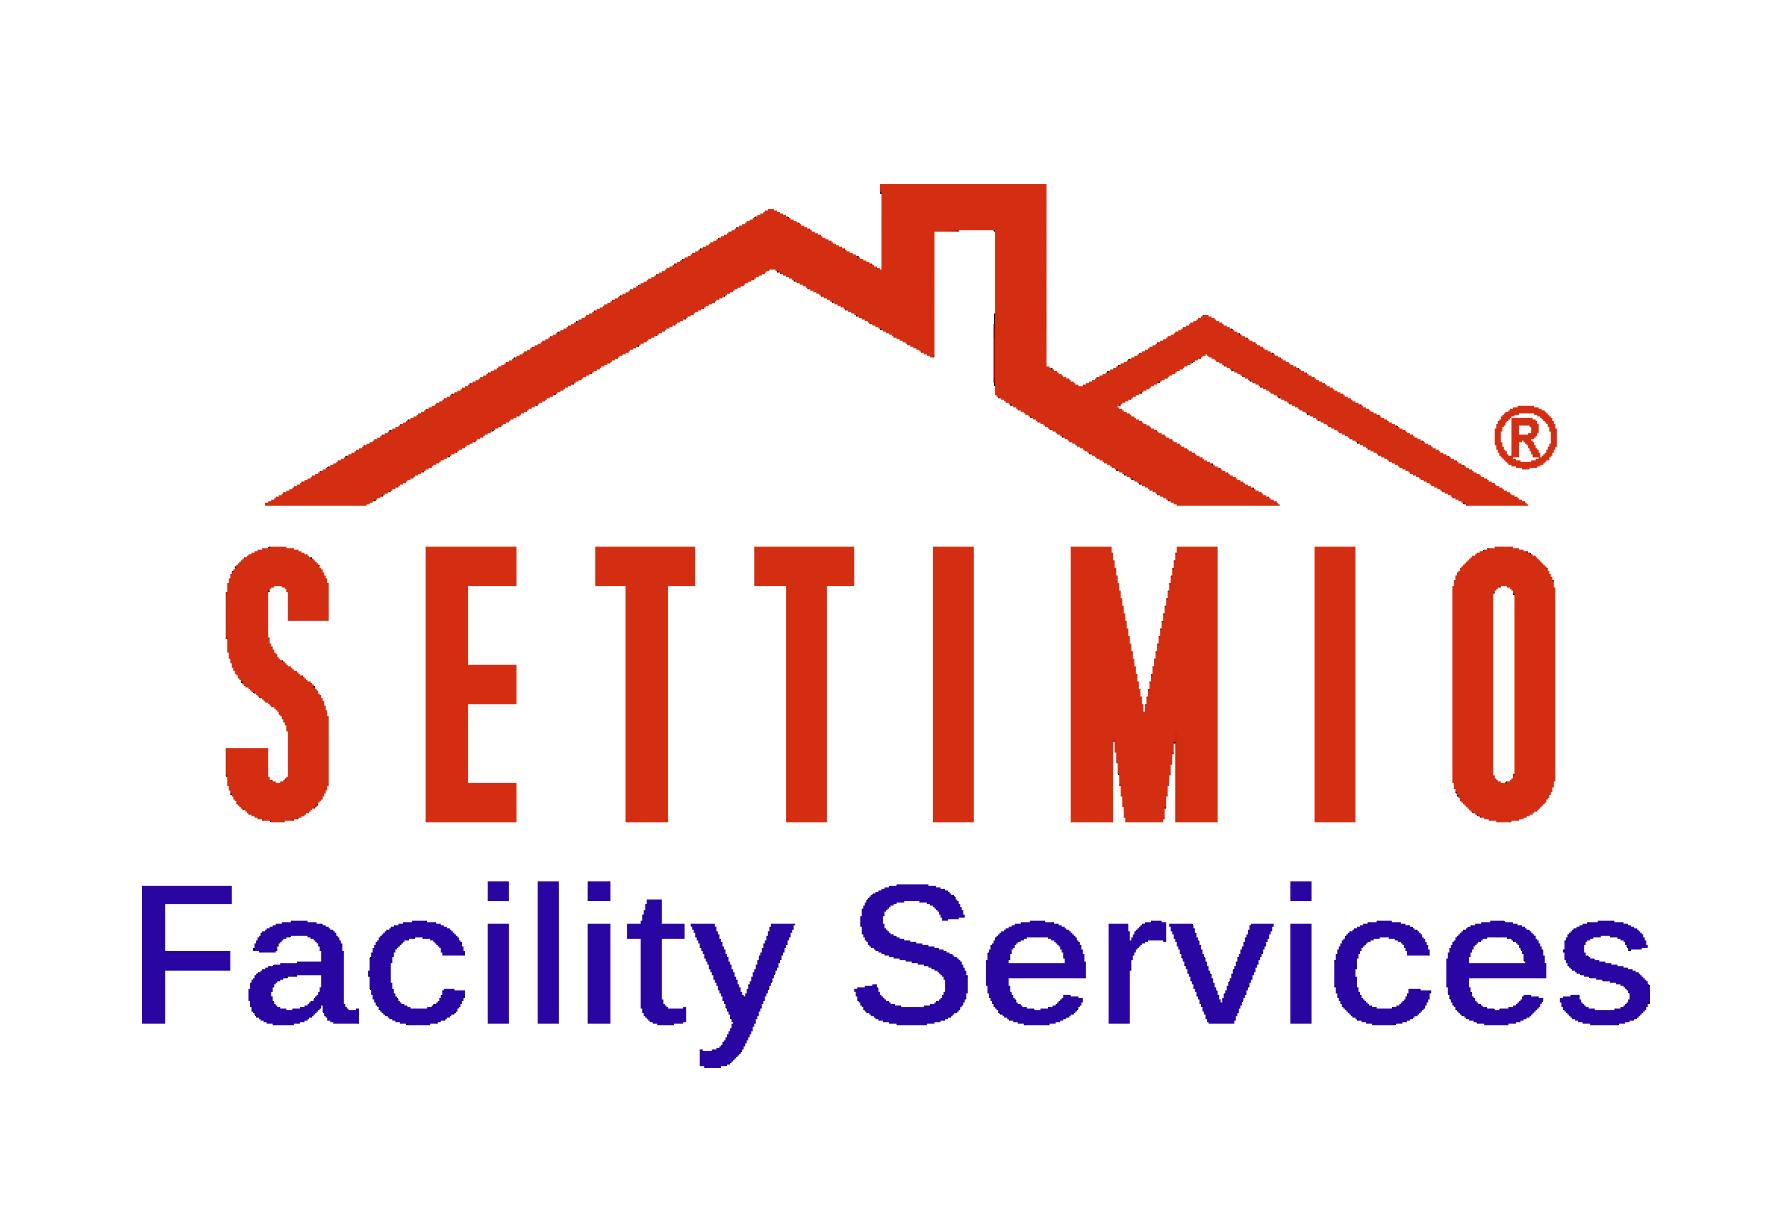 Settimio Facility Services GmbH